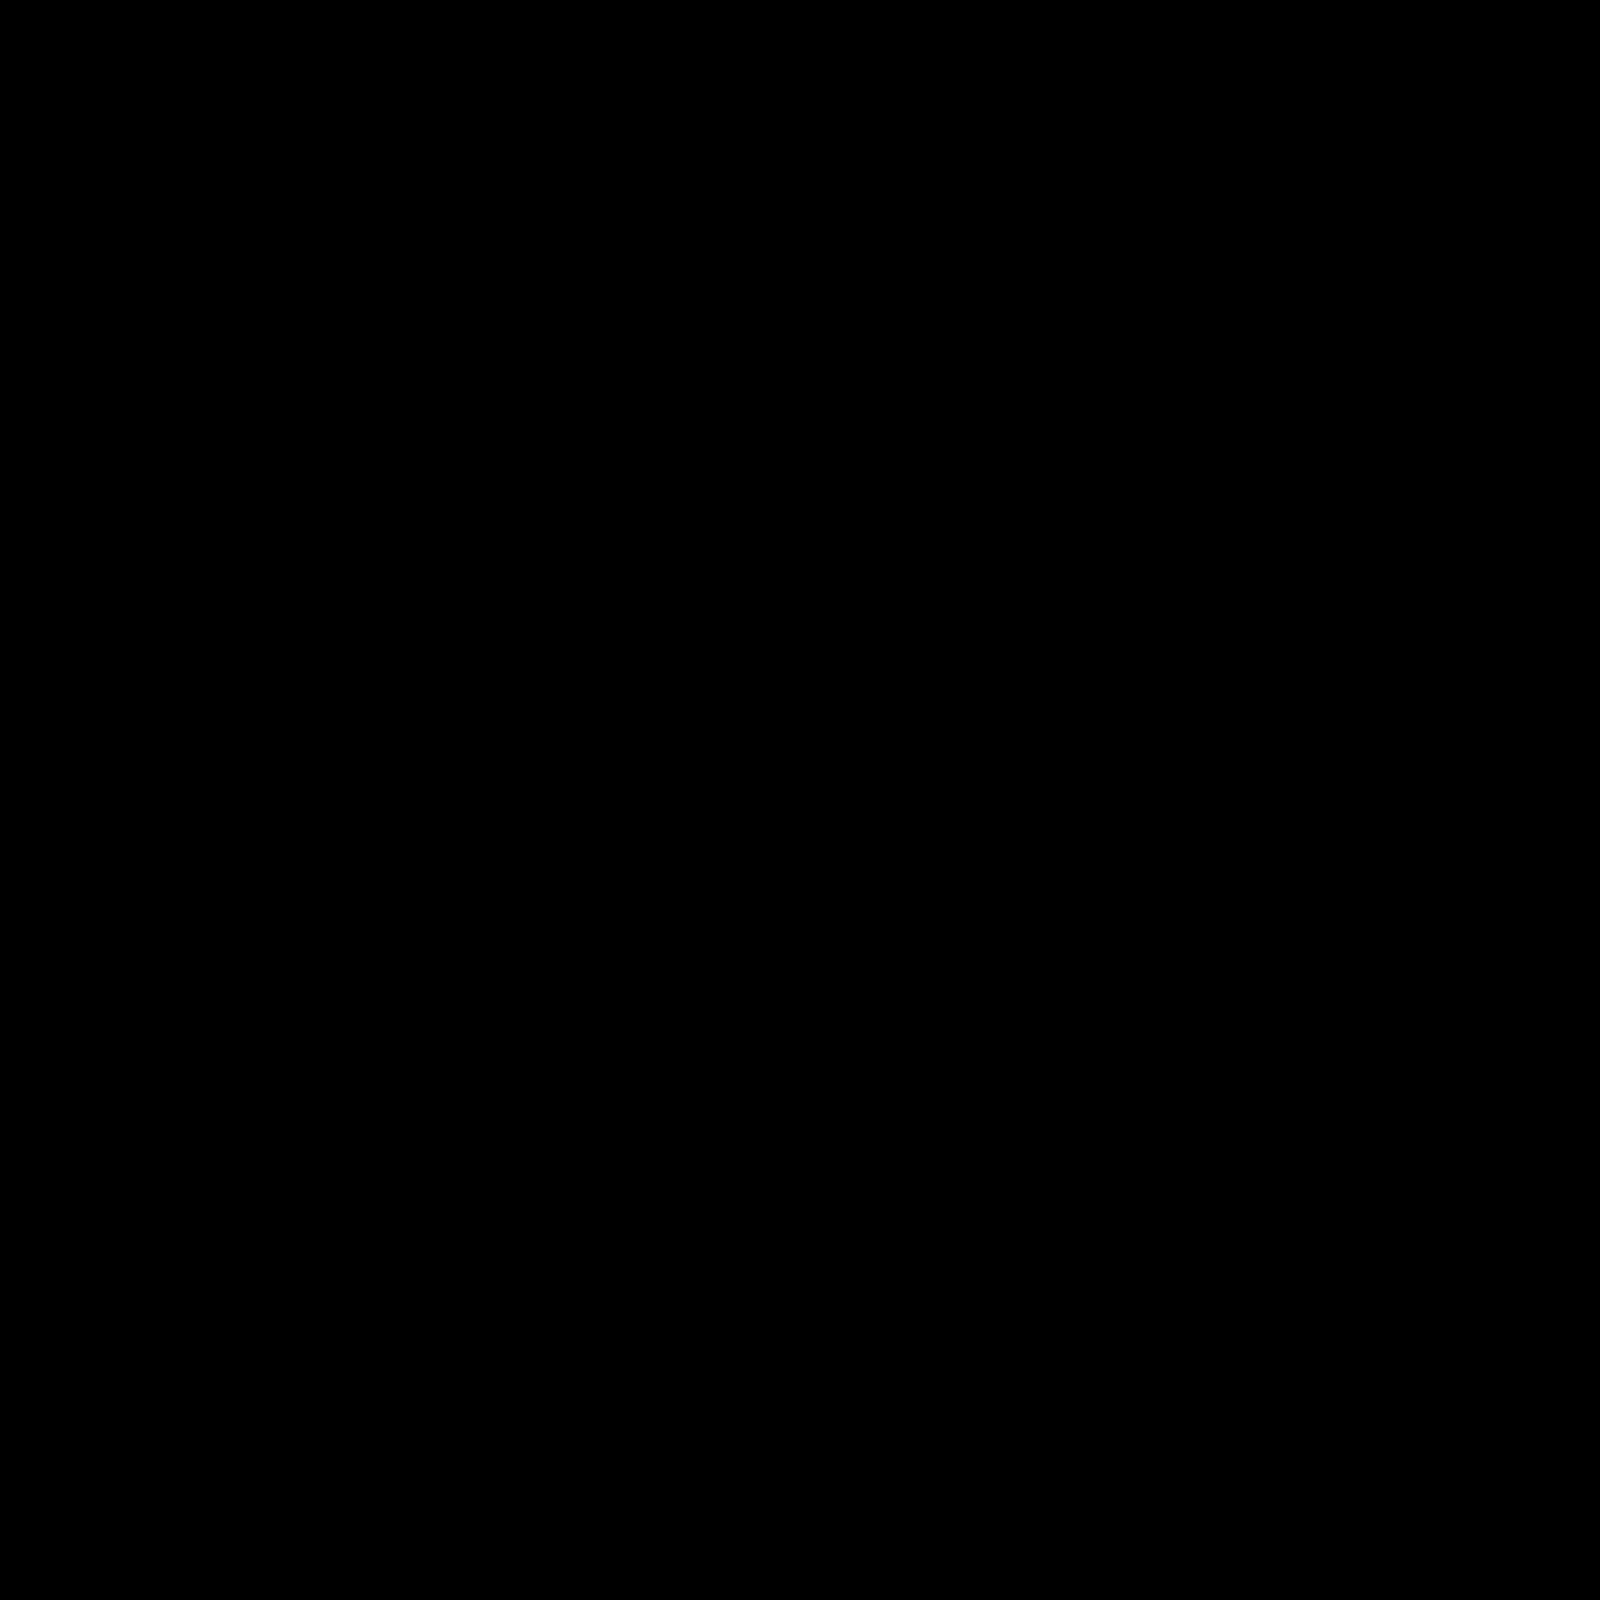 Ziemna wiewiórka icon